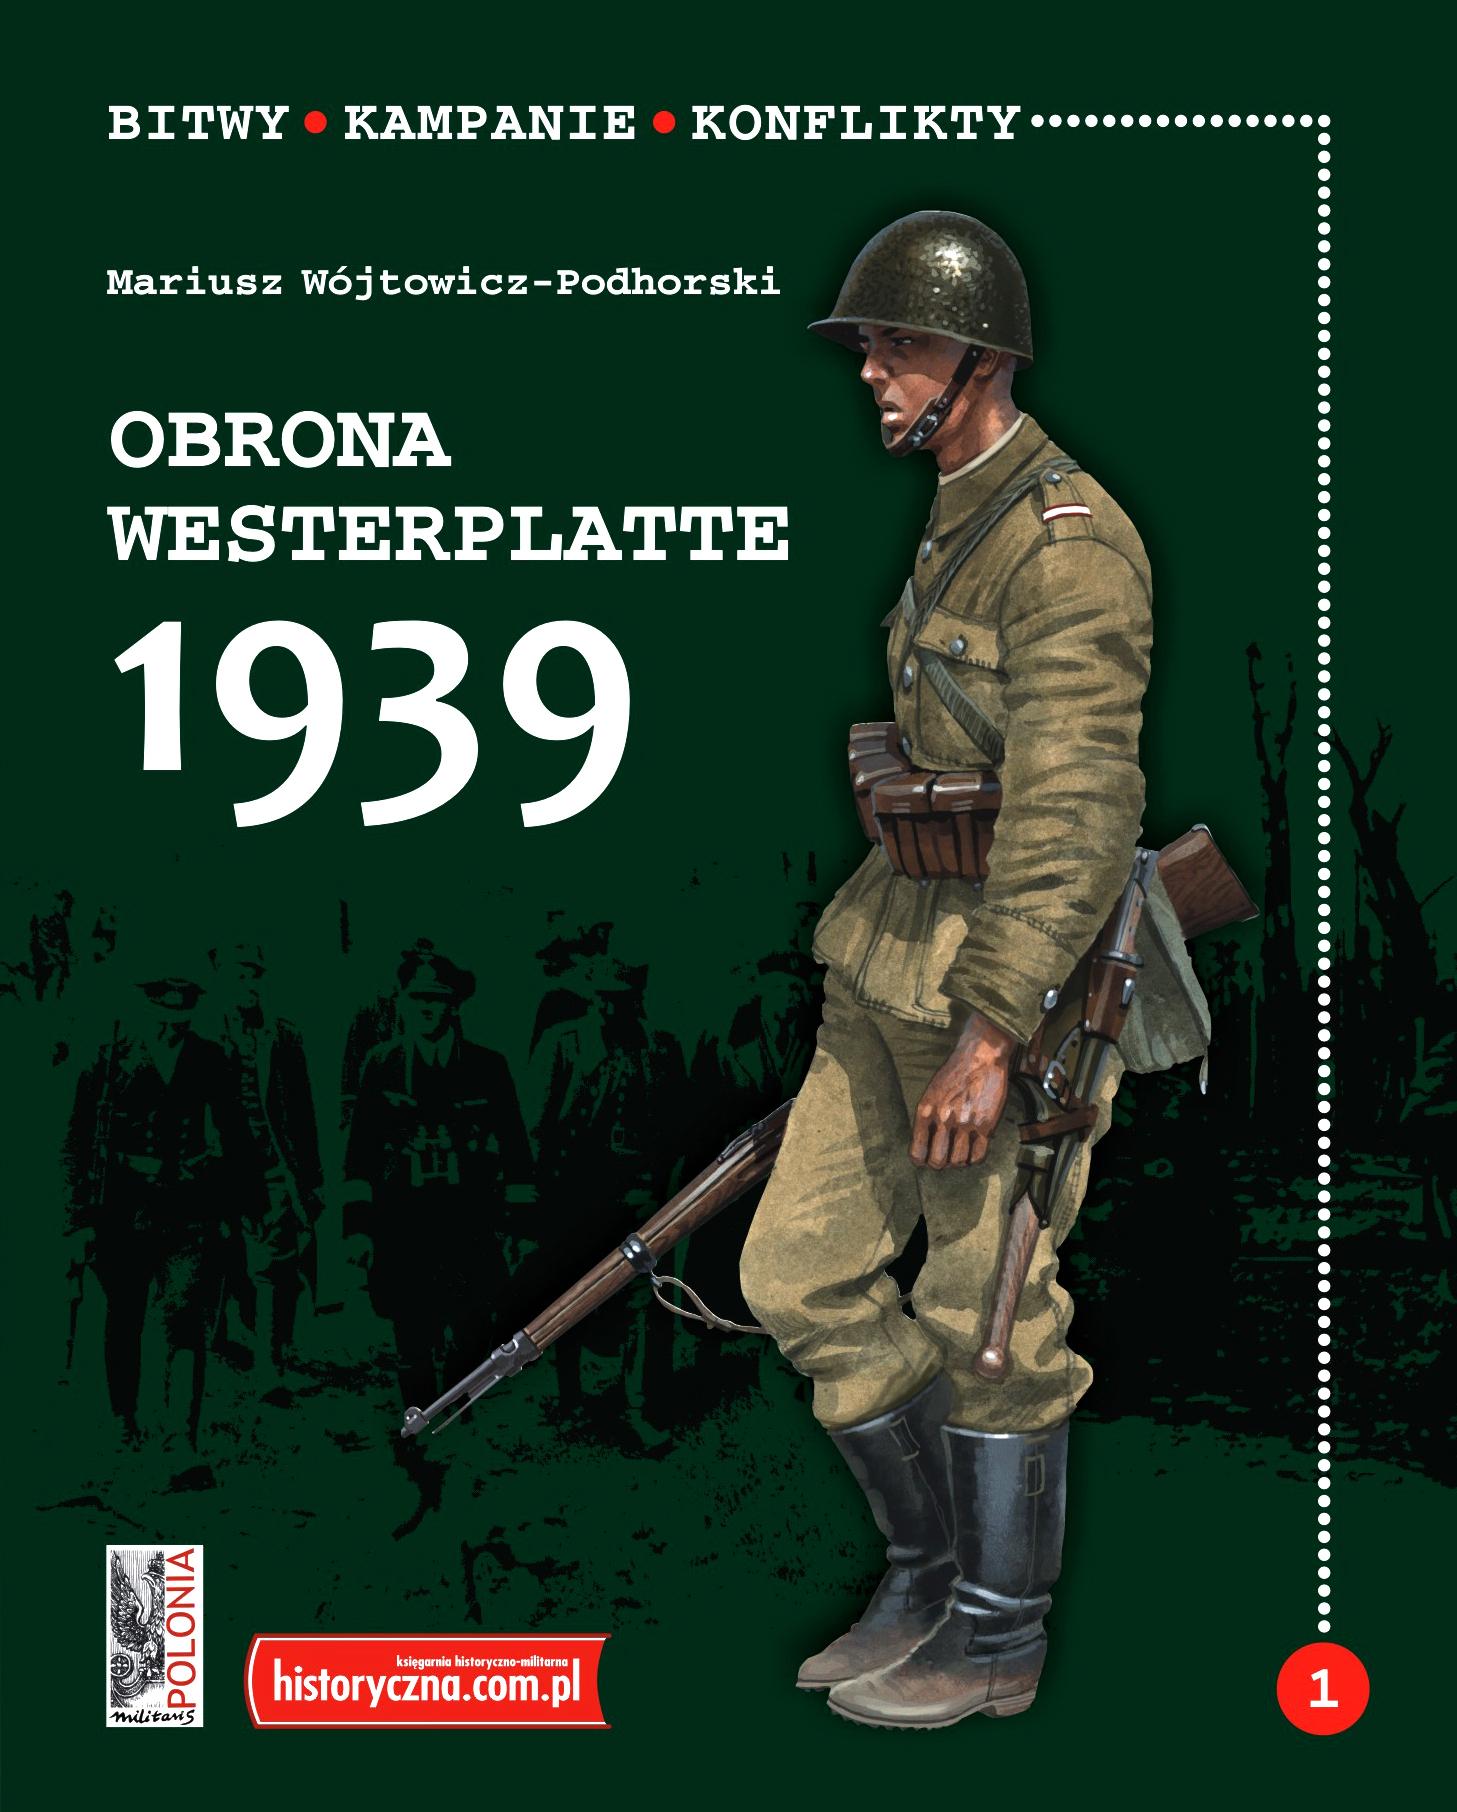 Obrona Westerplatte 1939 (M.Wójtowicz-Podhorski)